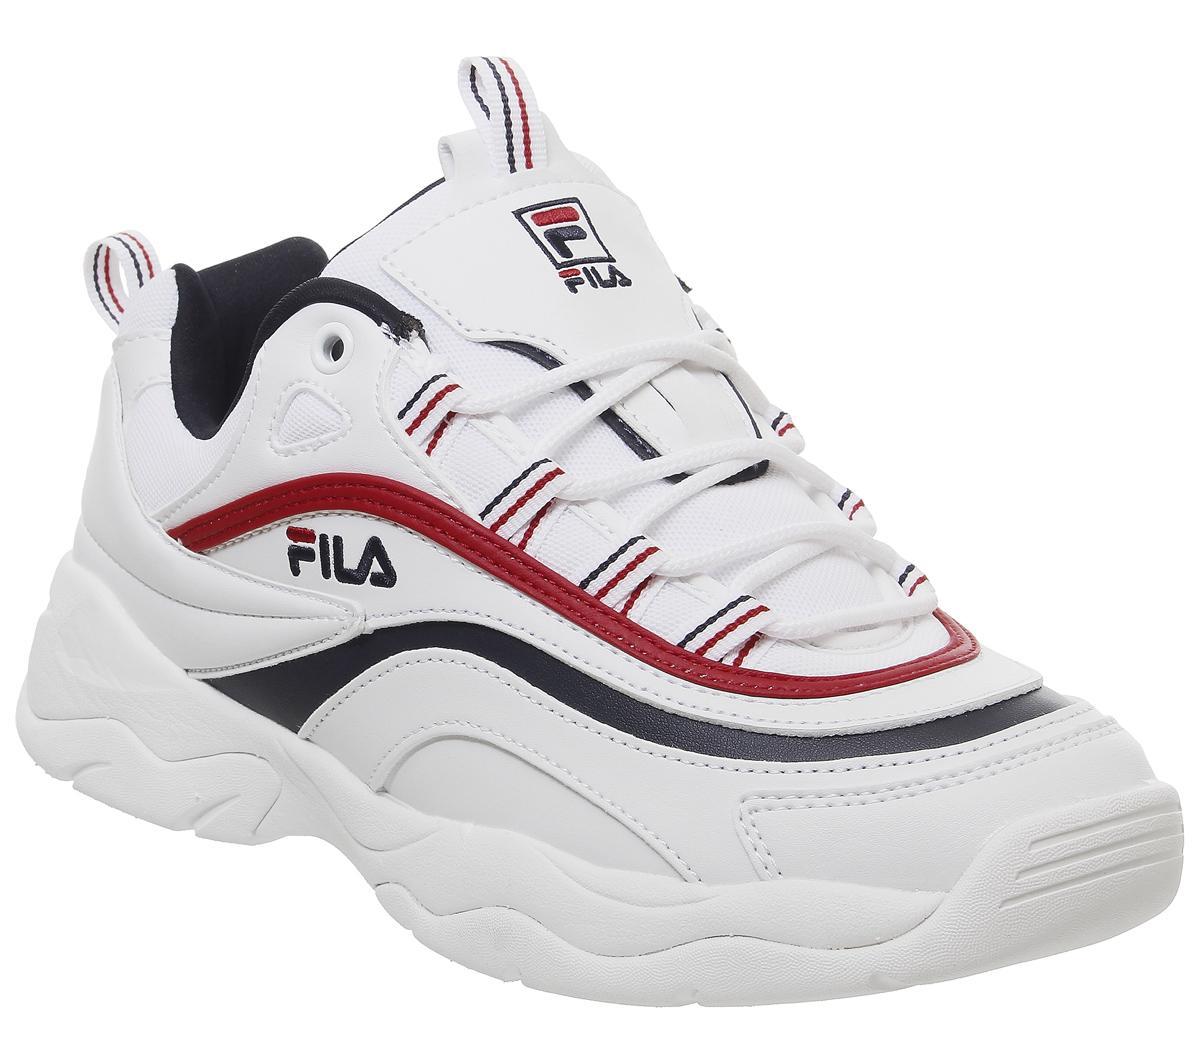 Fila Fila Ray Trainers White Fila Navy